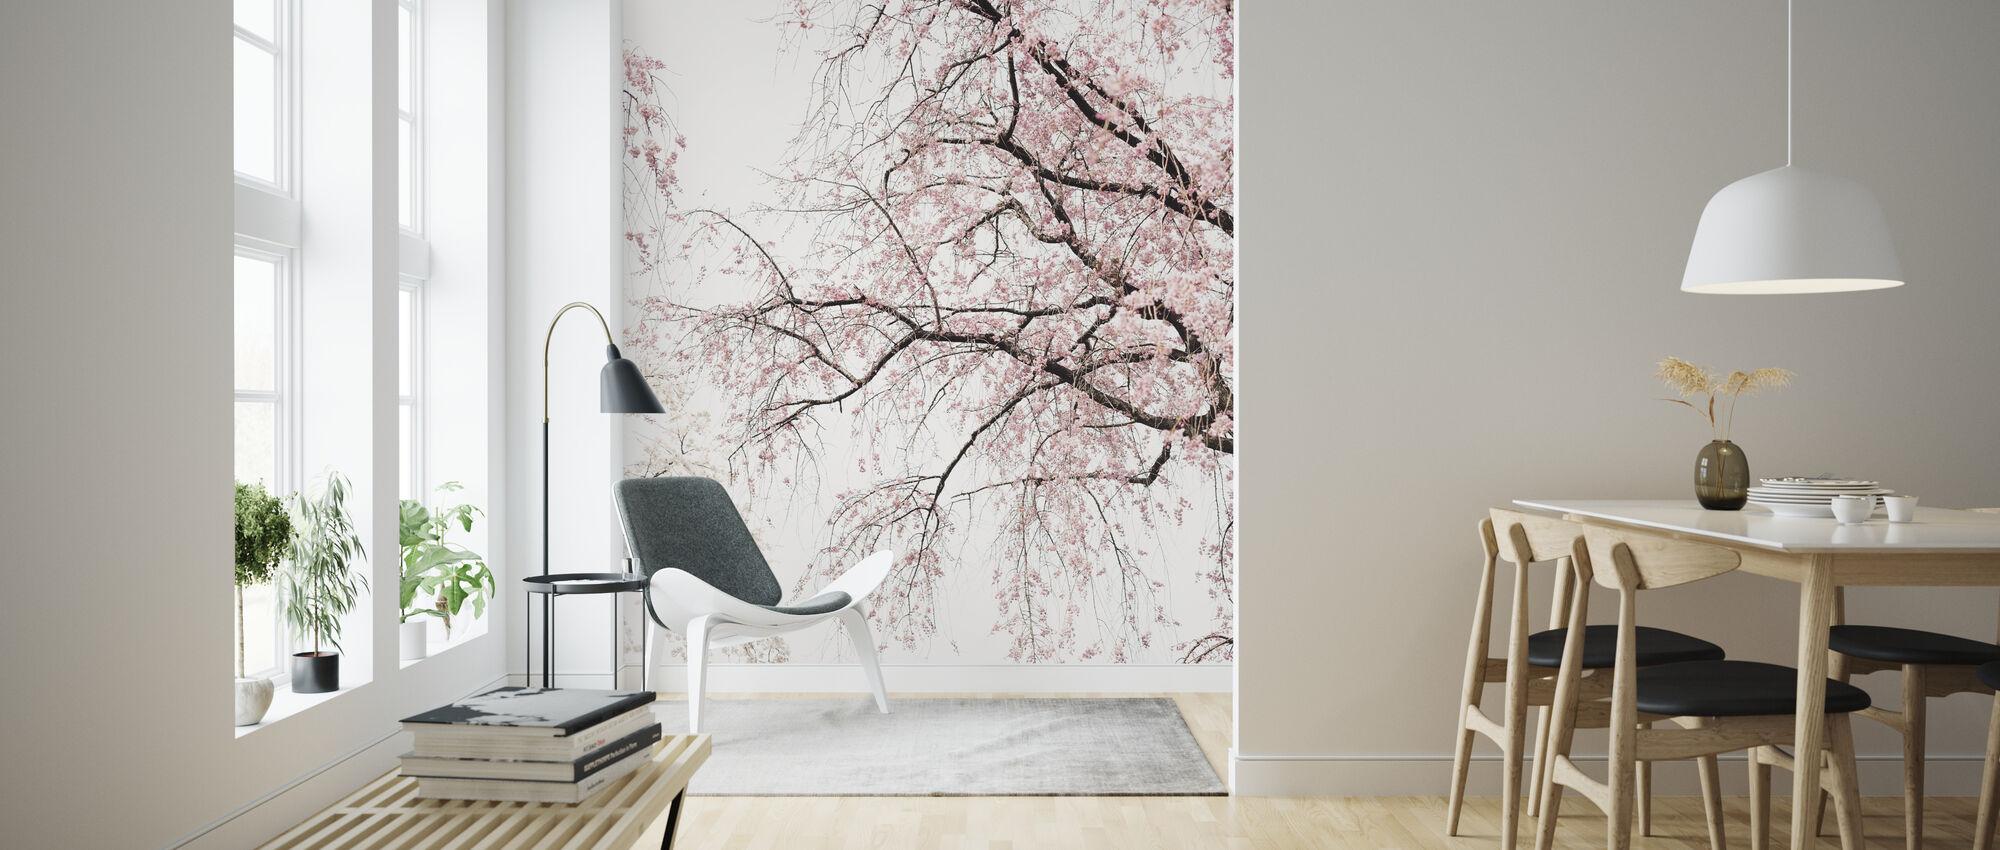 Kersenbloesems - Behang - Woonkamer